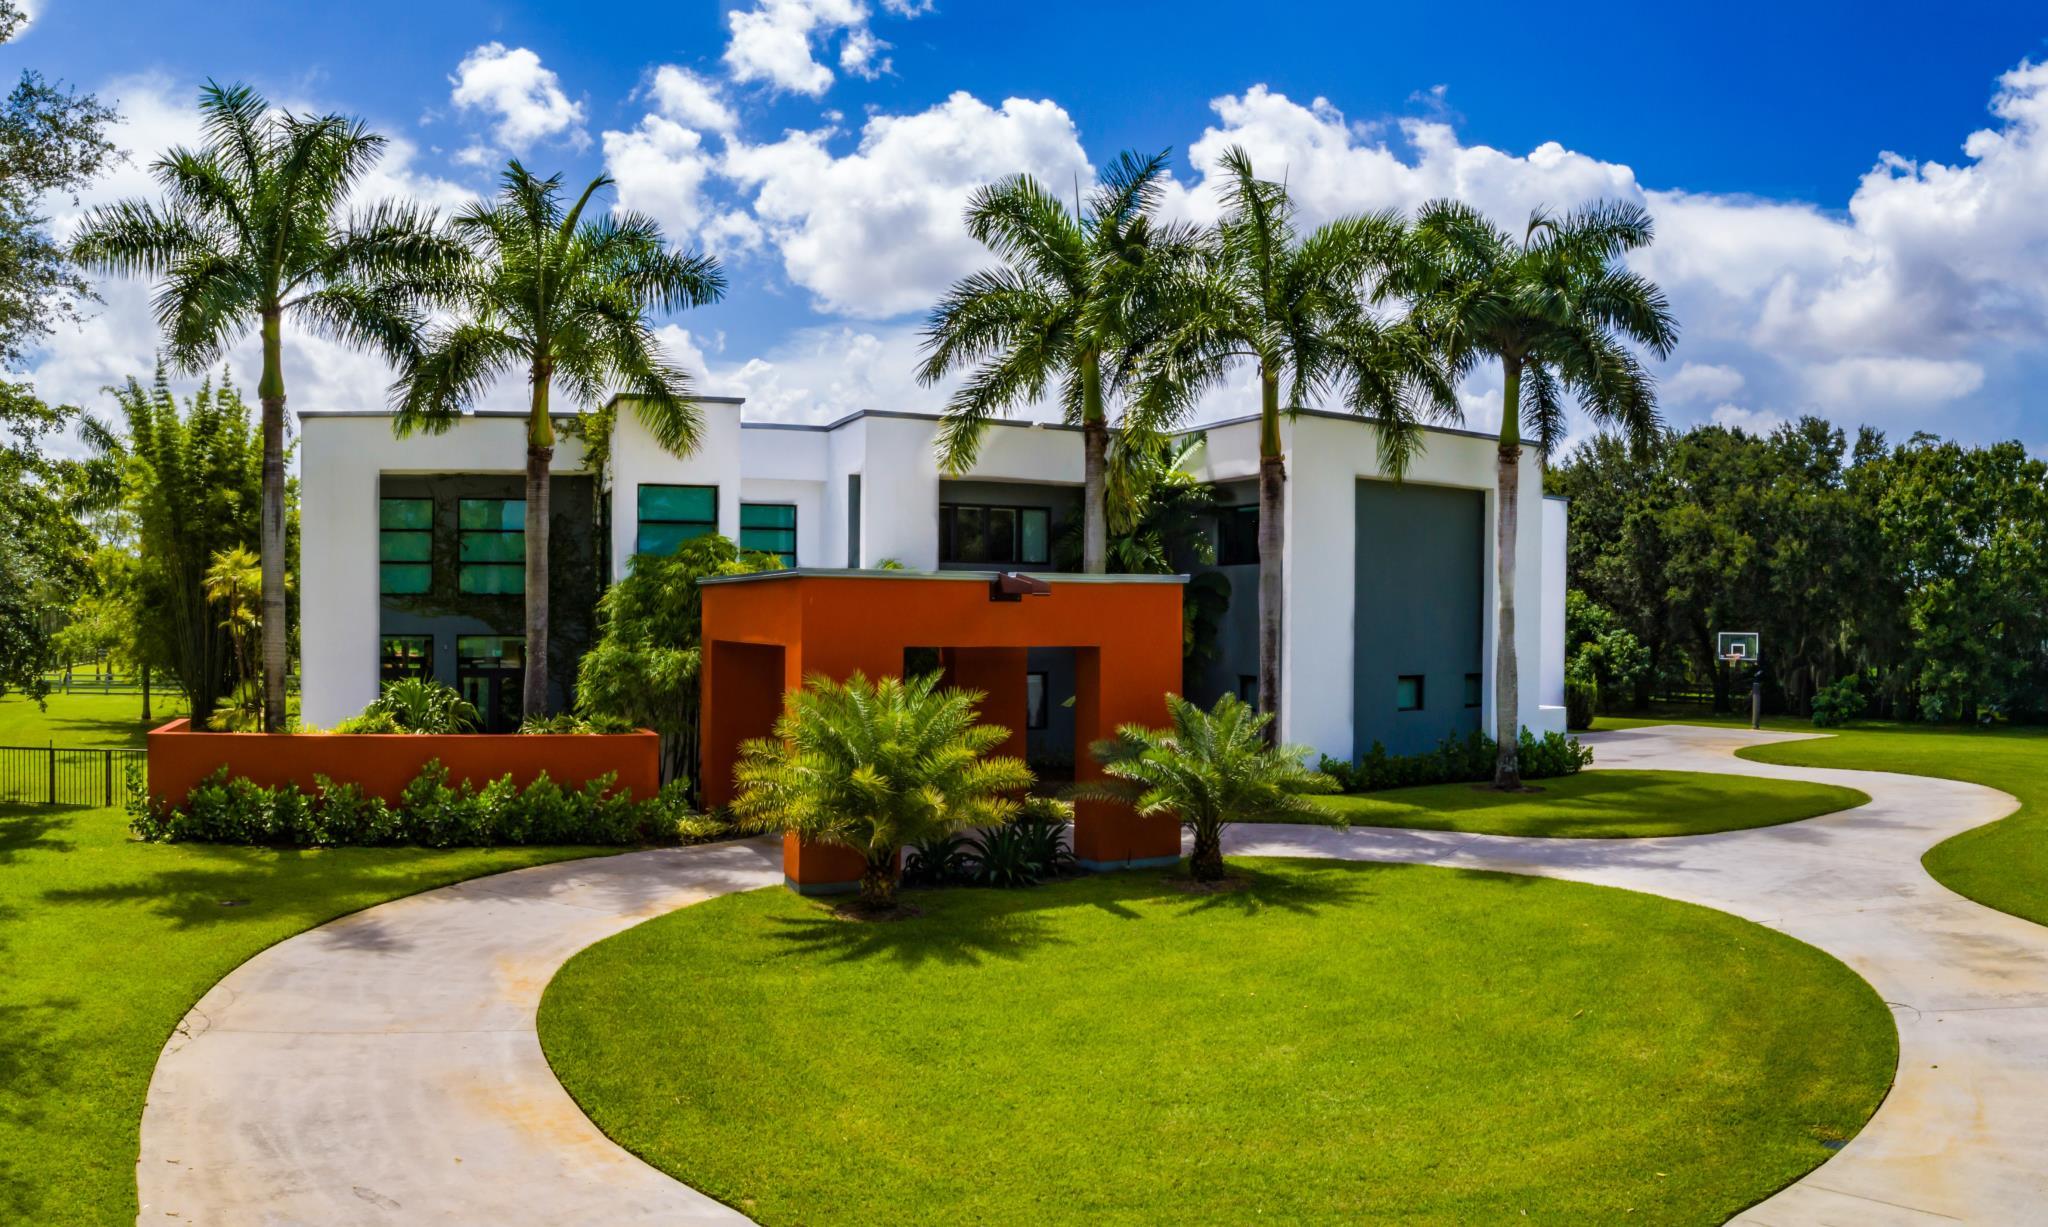 Futuristic Homes For Sale